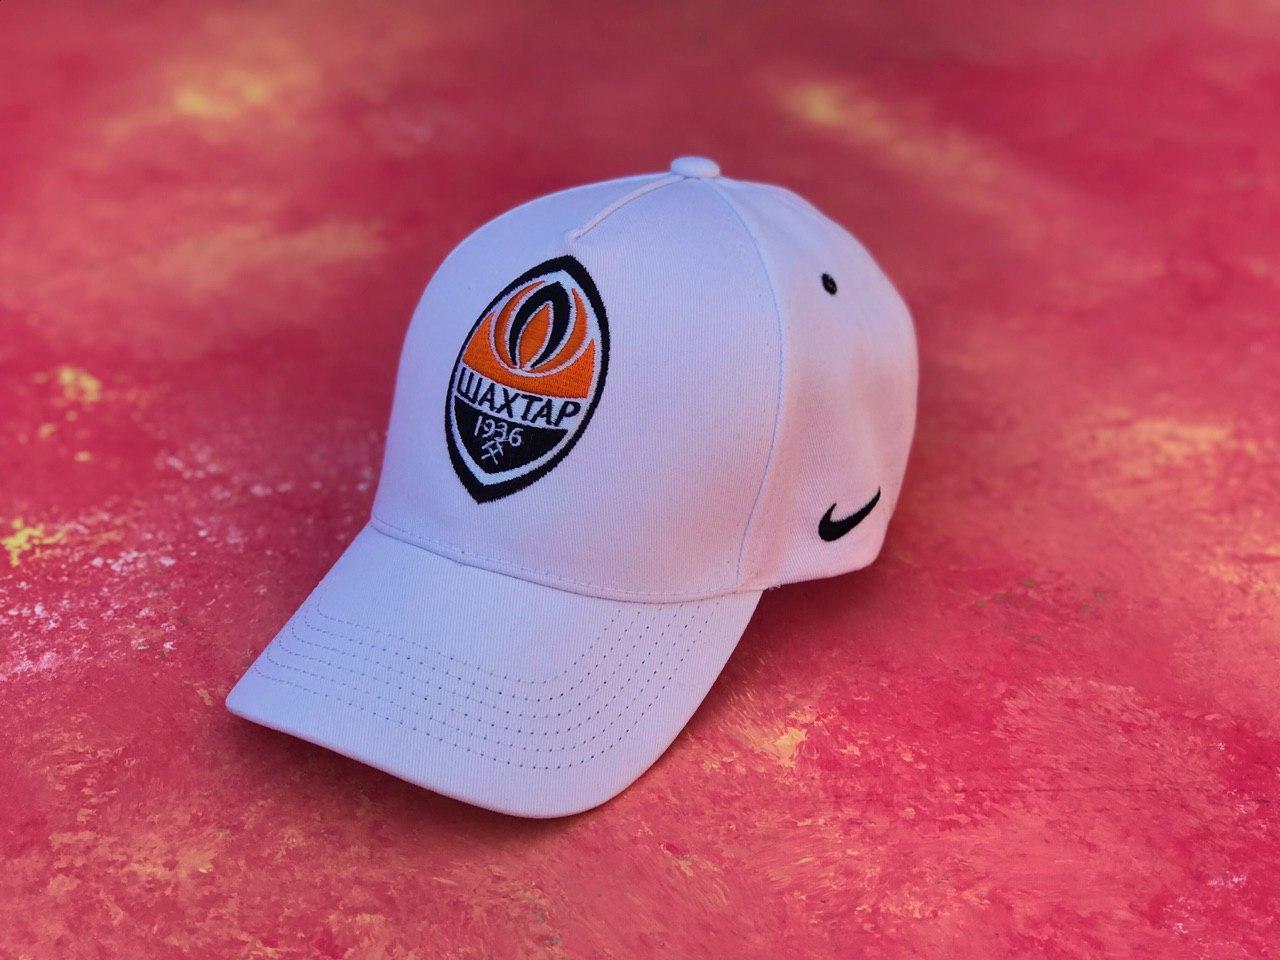 Бейсболка с логотипом ФК Шахтер Донецк кепка спортивная белая